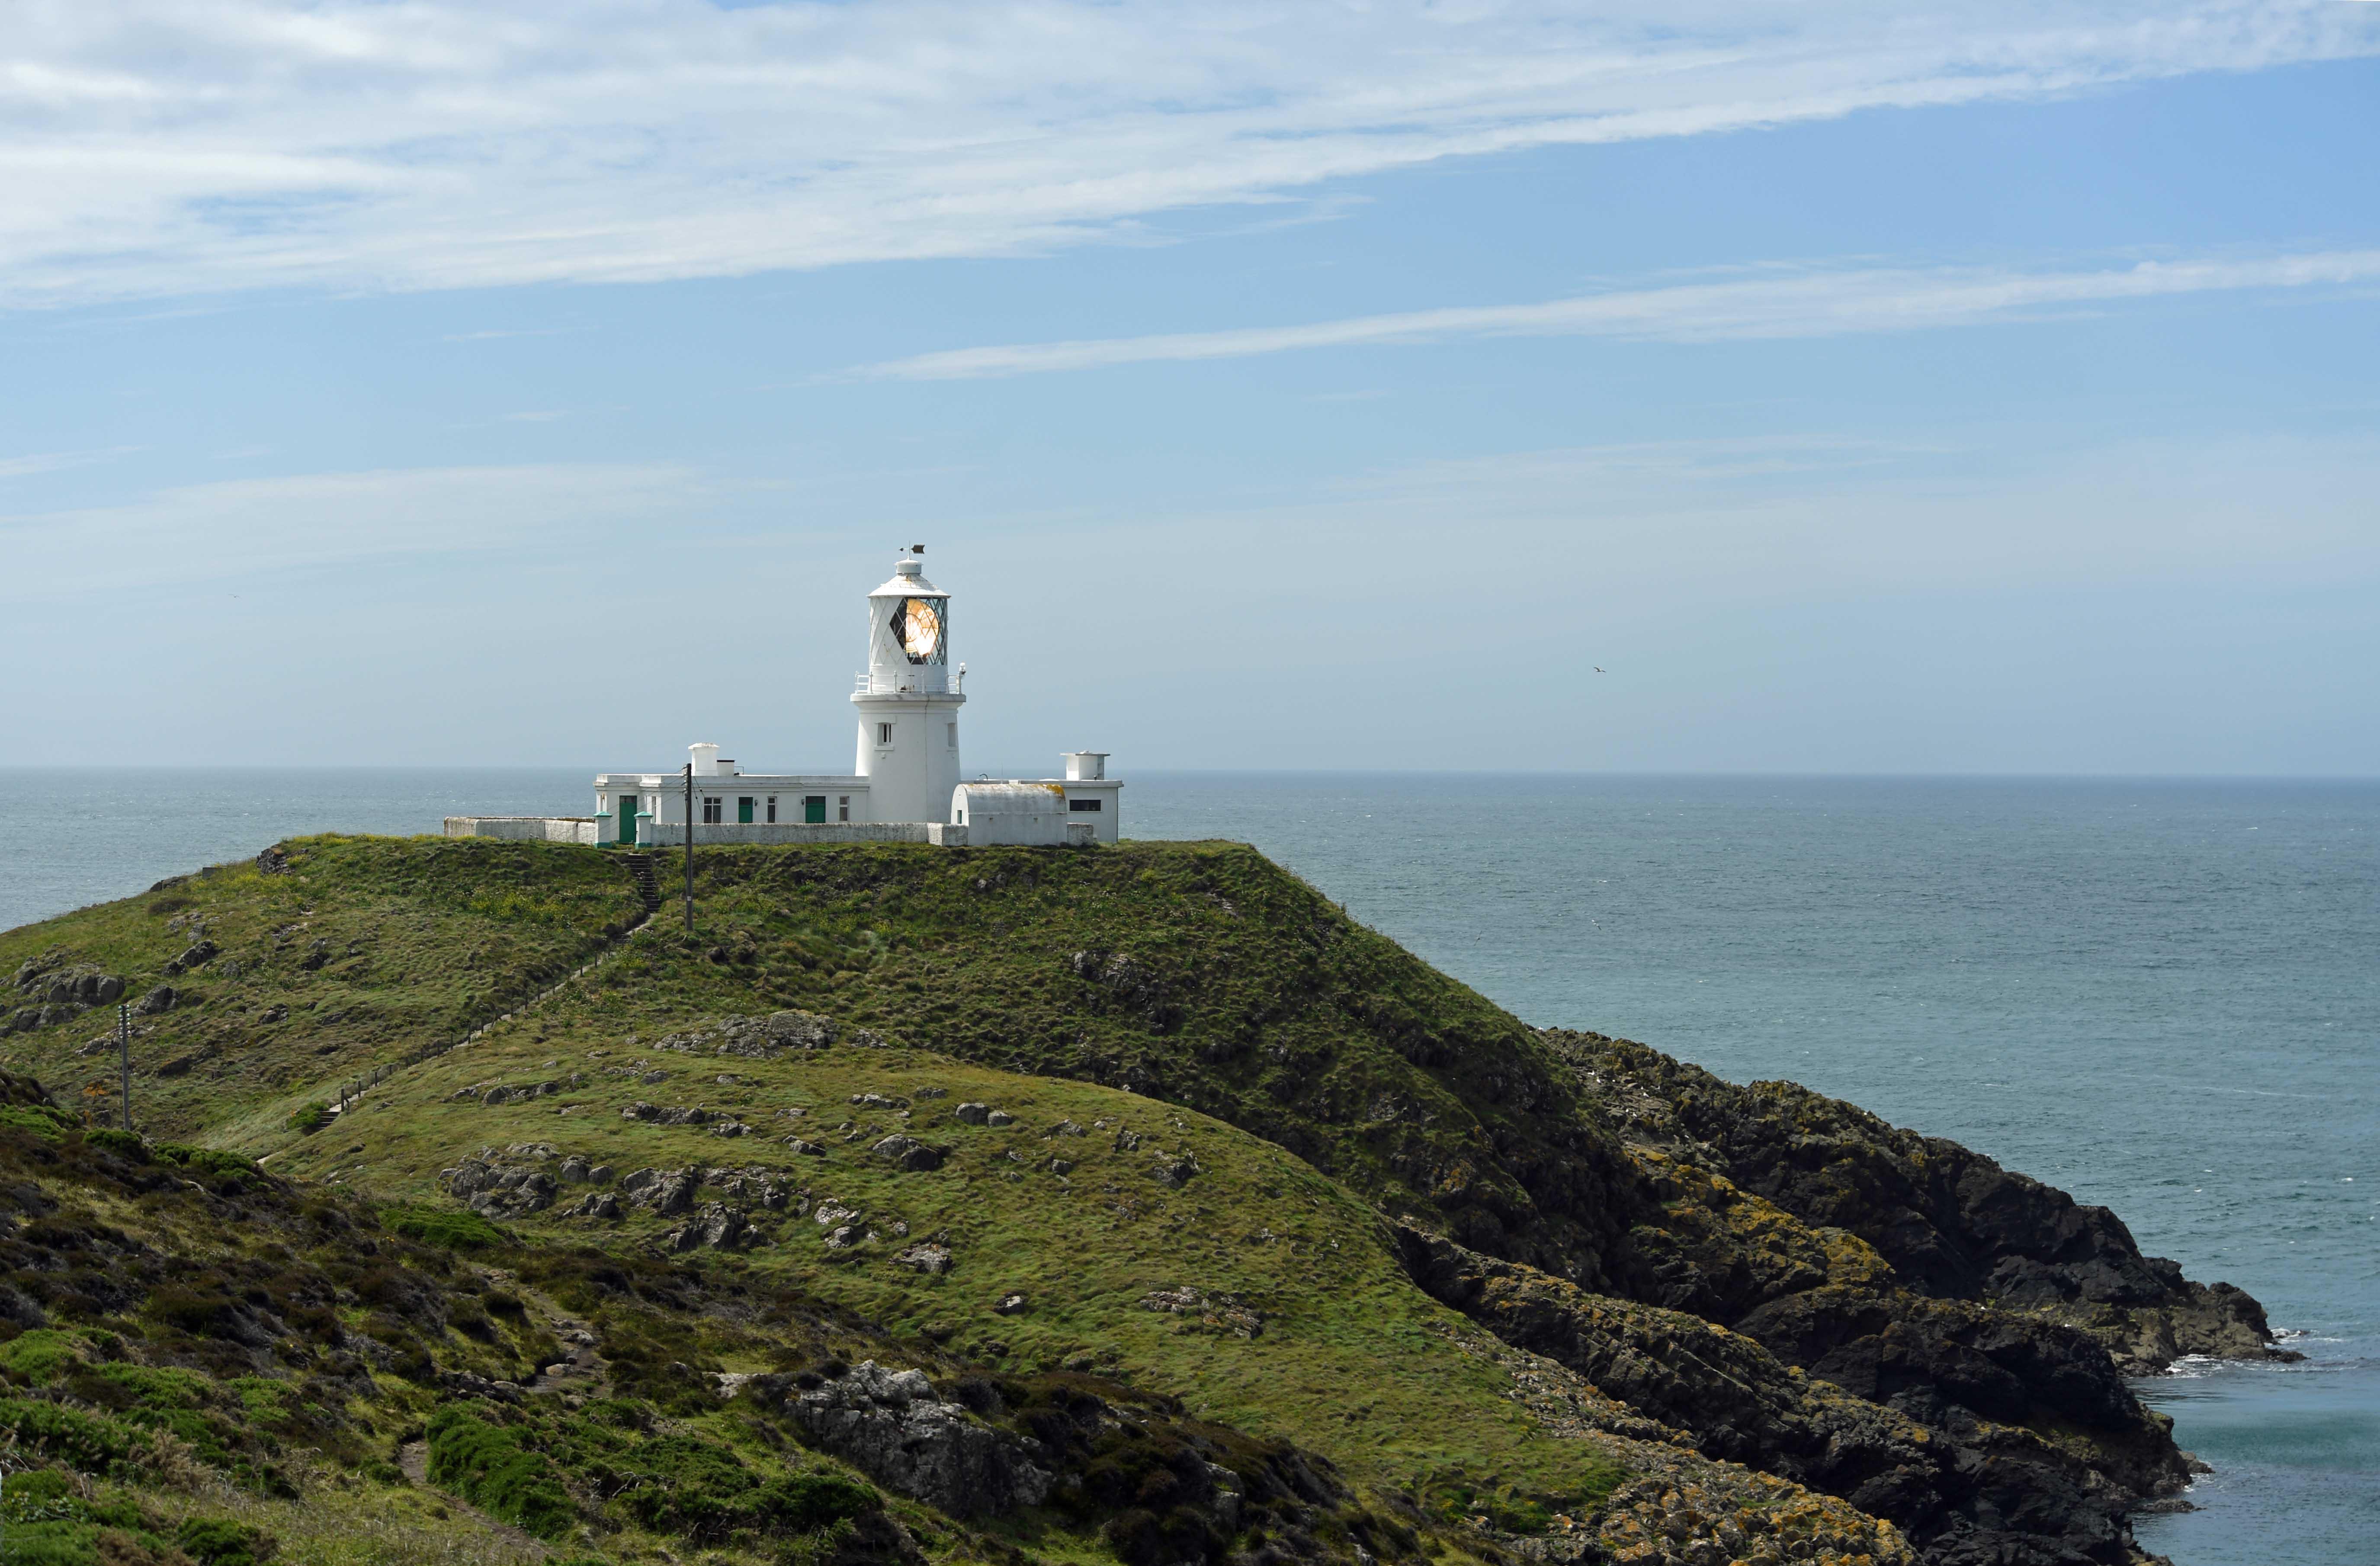 DG326034. Strumble Head lighthouse. Pembrokeshire. Wales. 17.6.19.crop